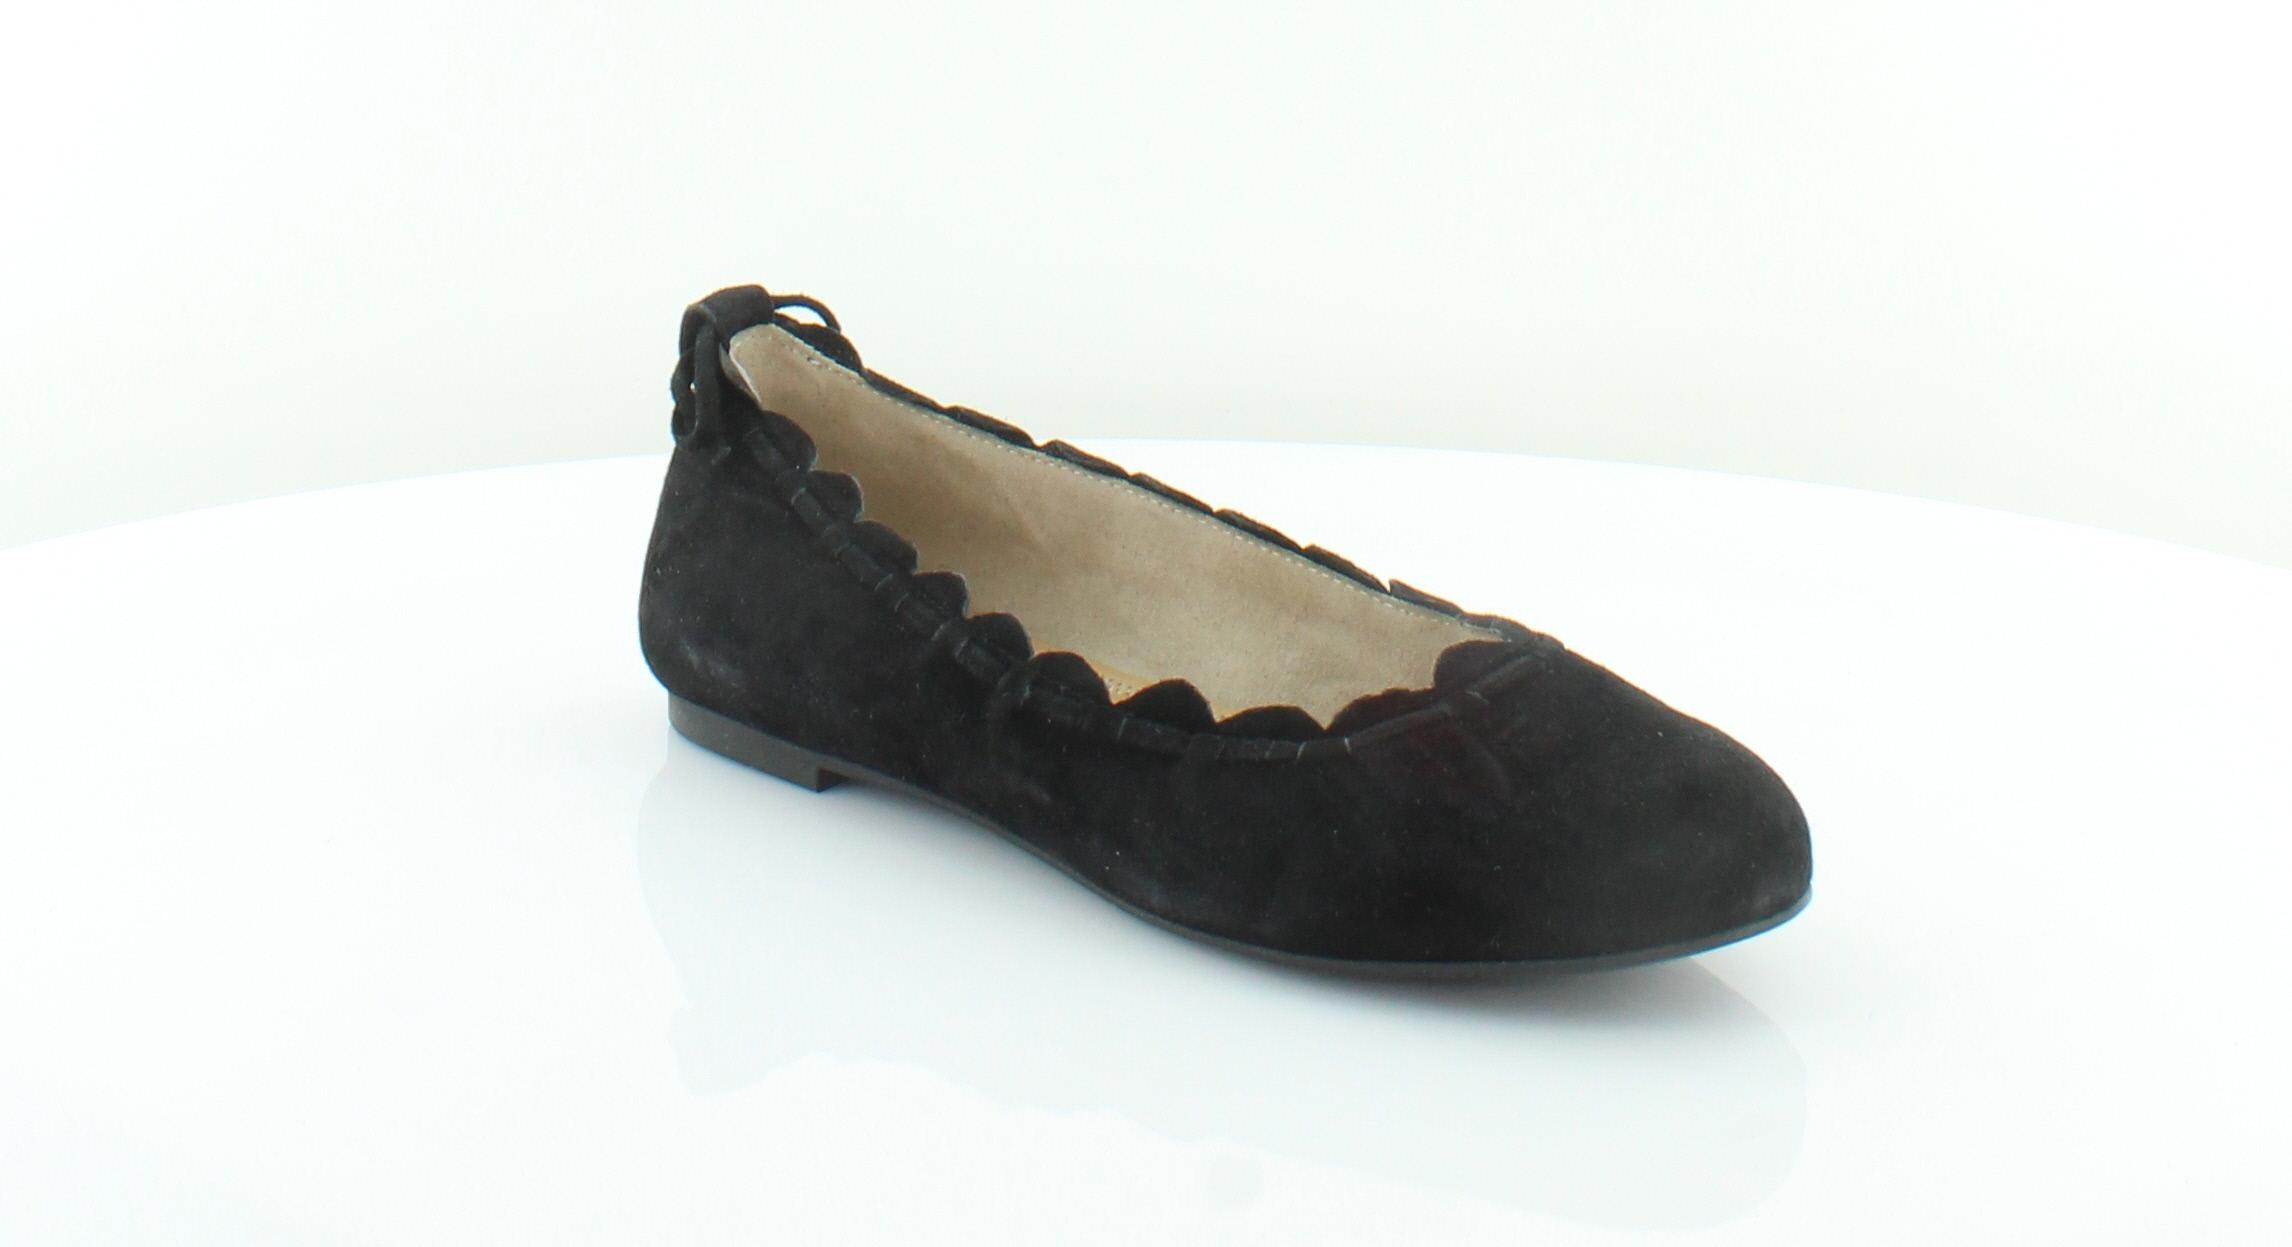 Flats donna taglia da Jack M 630260808964 99 Lucie Scarpe Rogers 99 6 Black Msrp wYqwTzX1x6